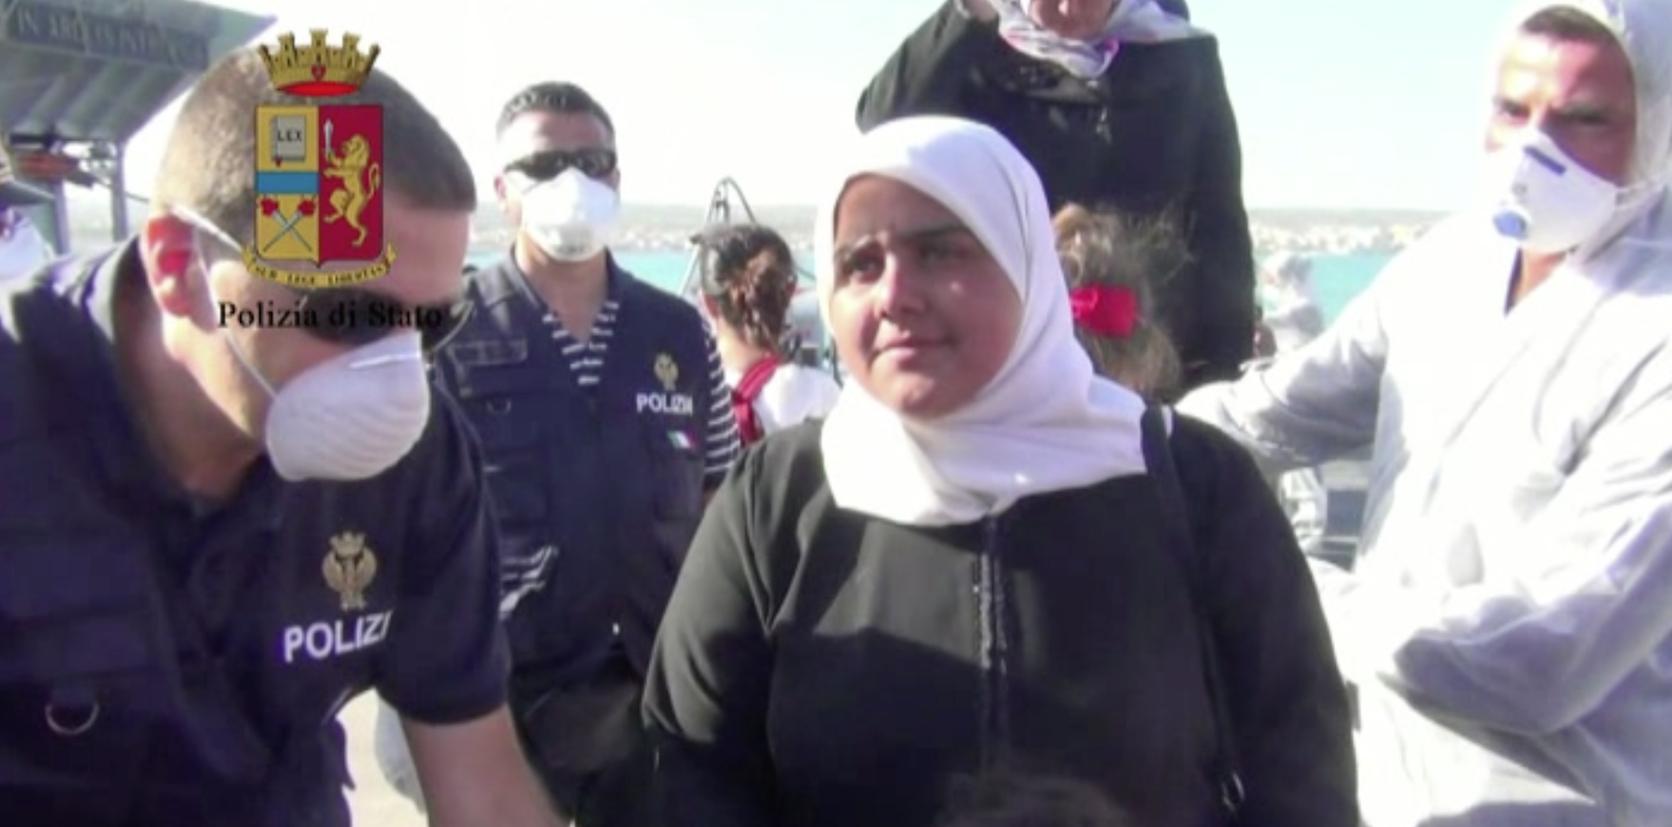 Catania: emergenza migranti  LE IMMAGINI DELLO SBARCO AL PORTO